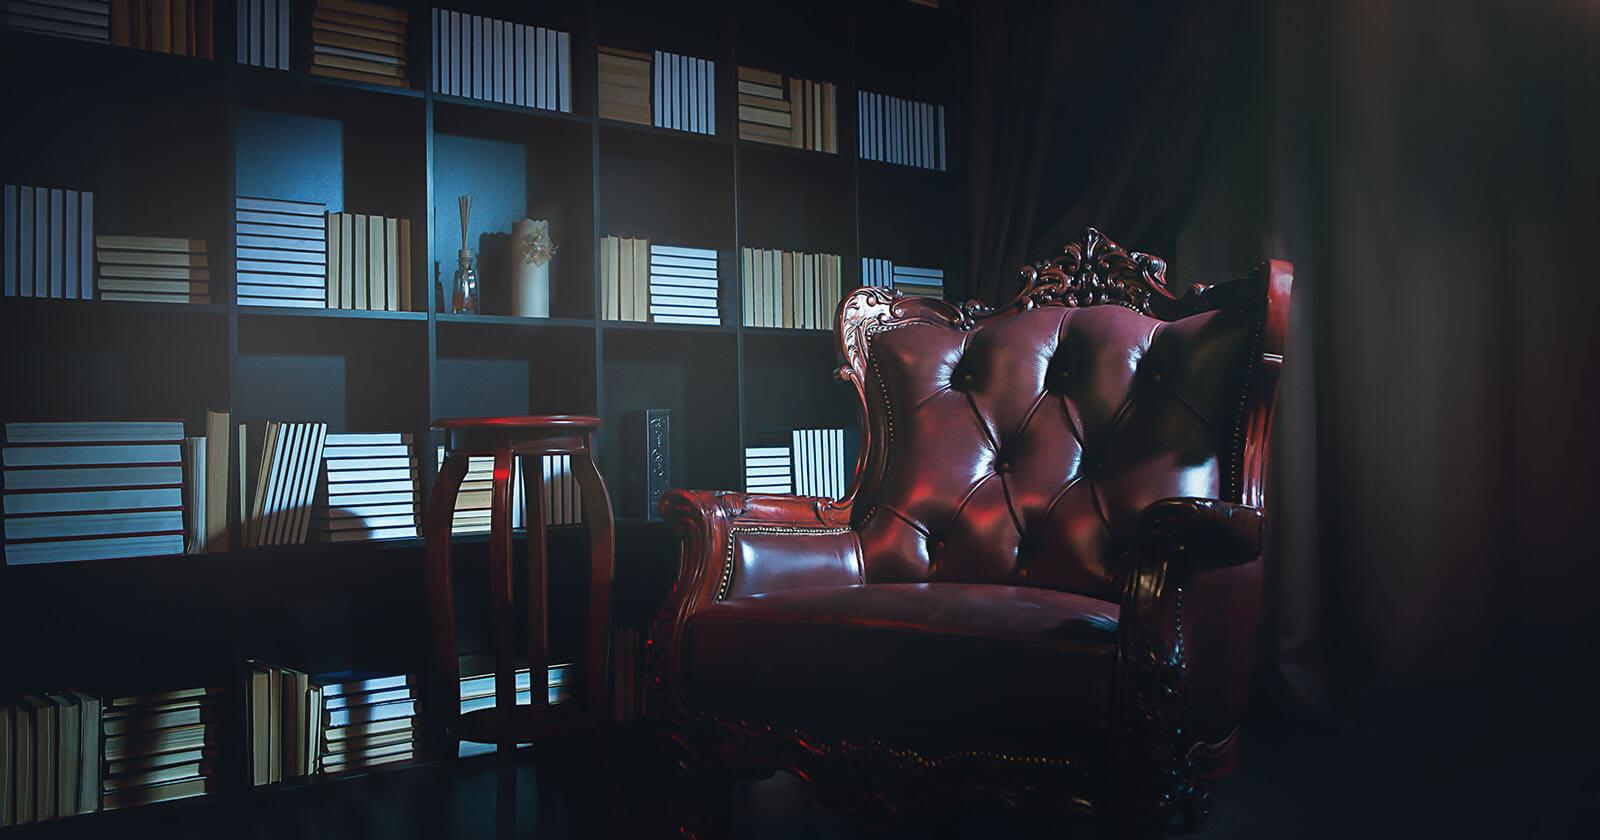 interernaja-fotostudija-kiev-kvaral-1